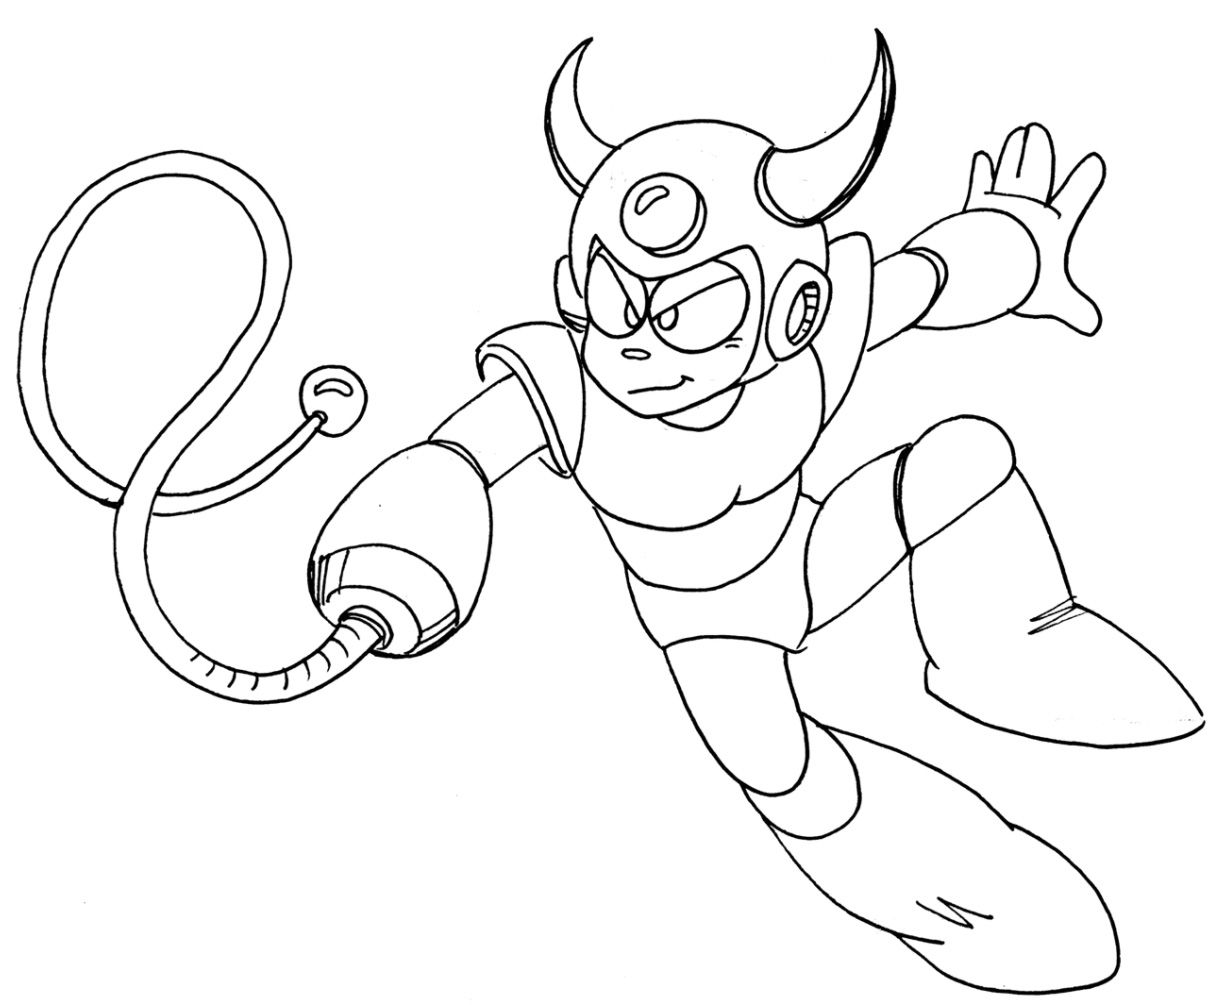 Megaman x coloring pages - Mega Man Legacy Collection Devil